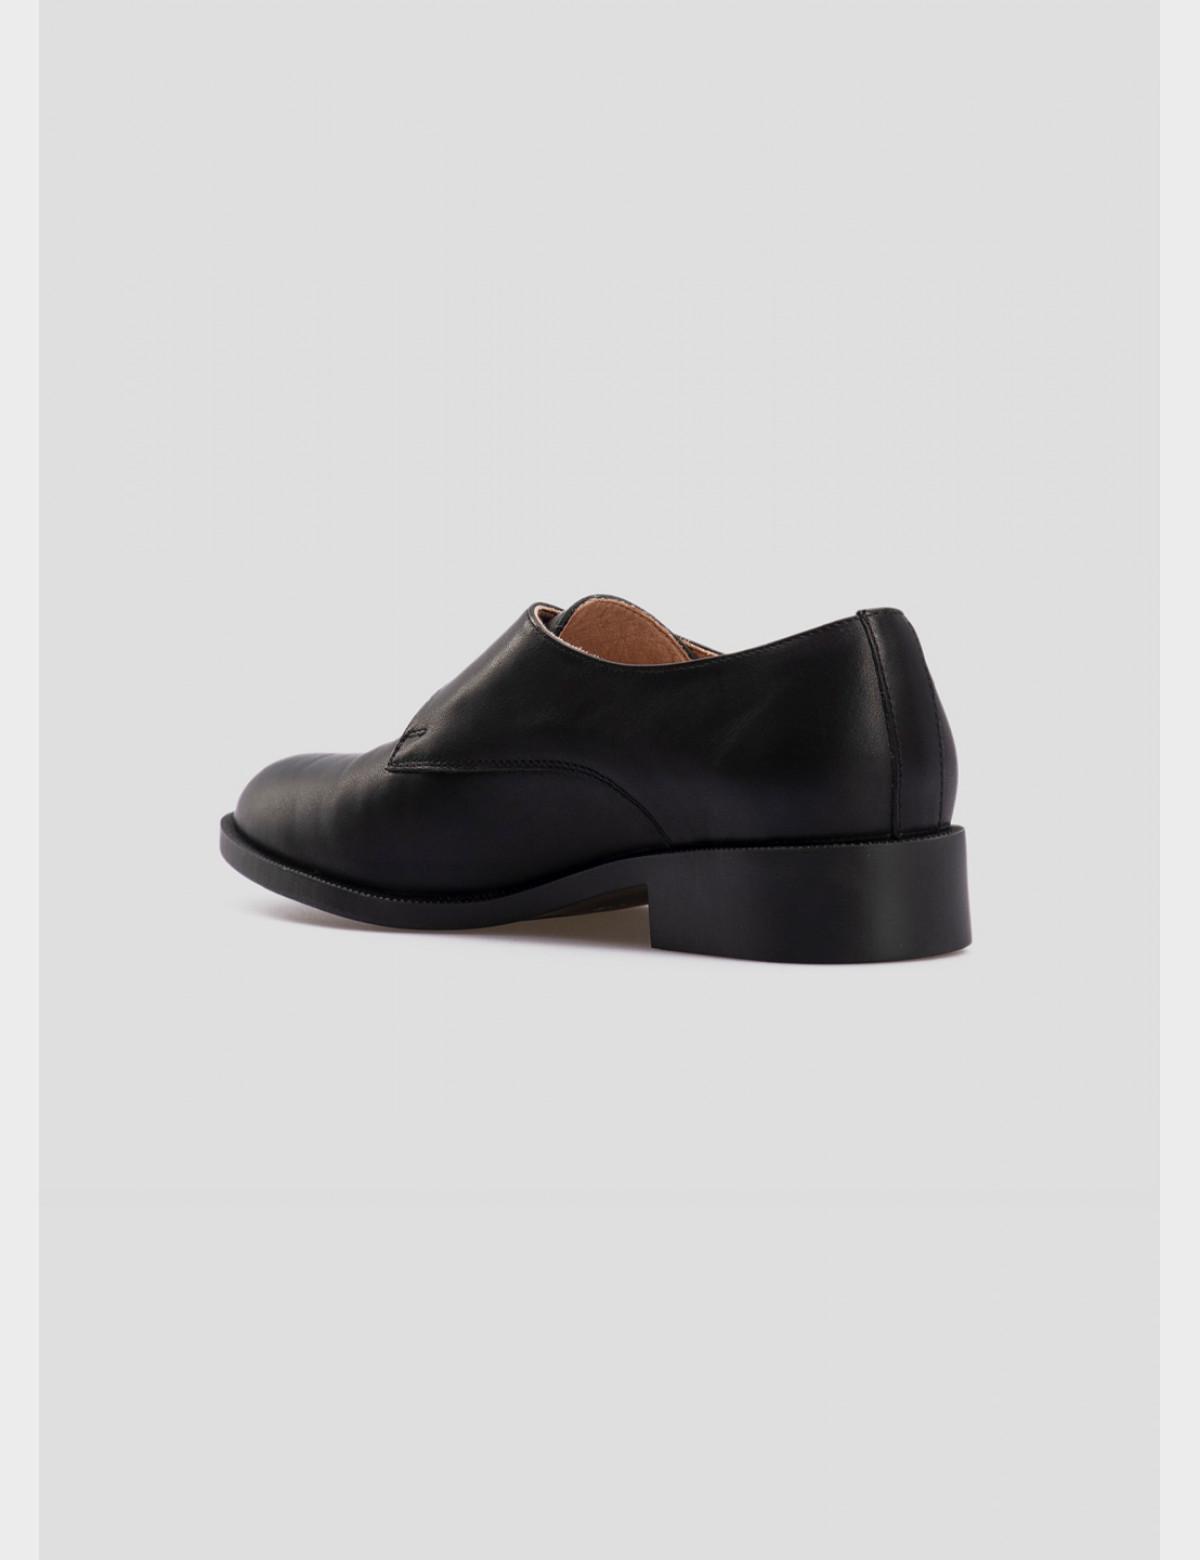 Туфли черные, натуральная кожа3